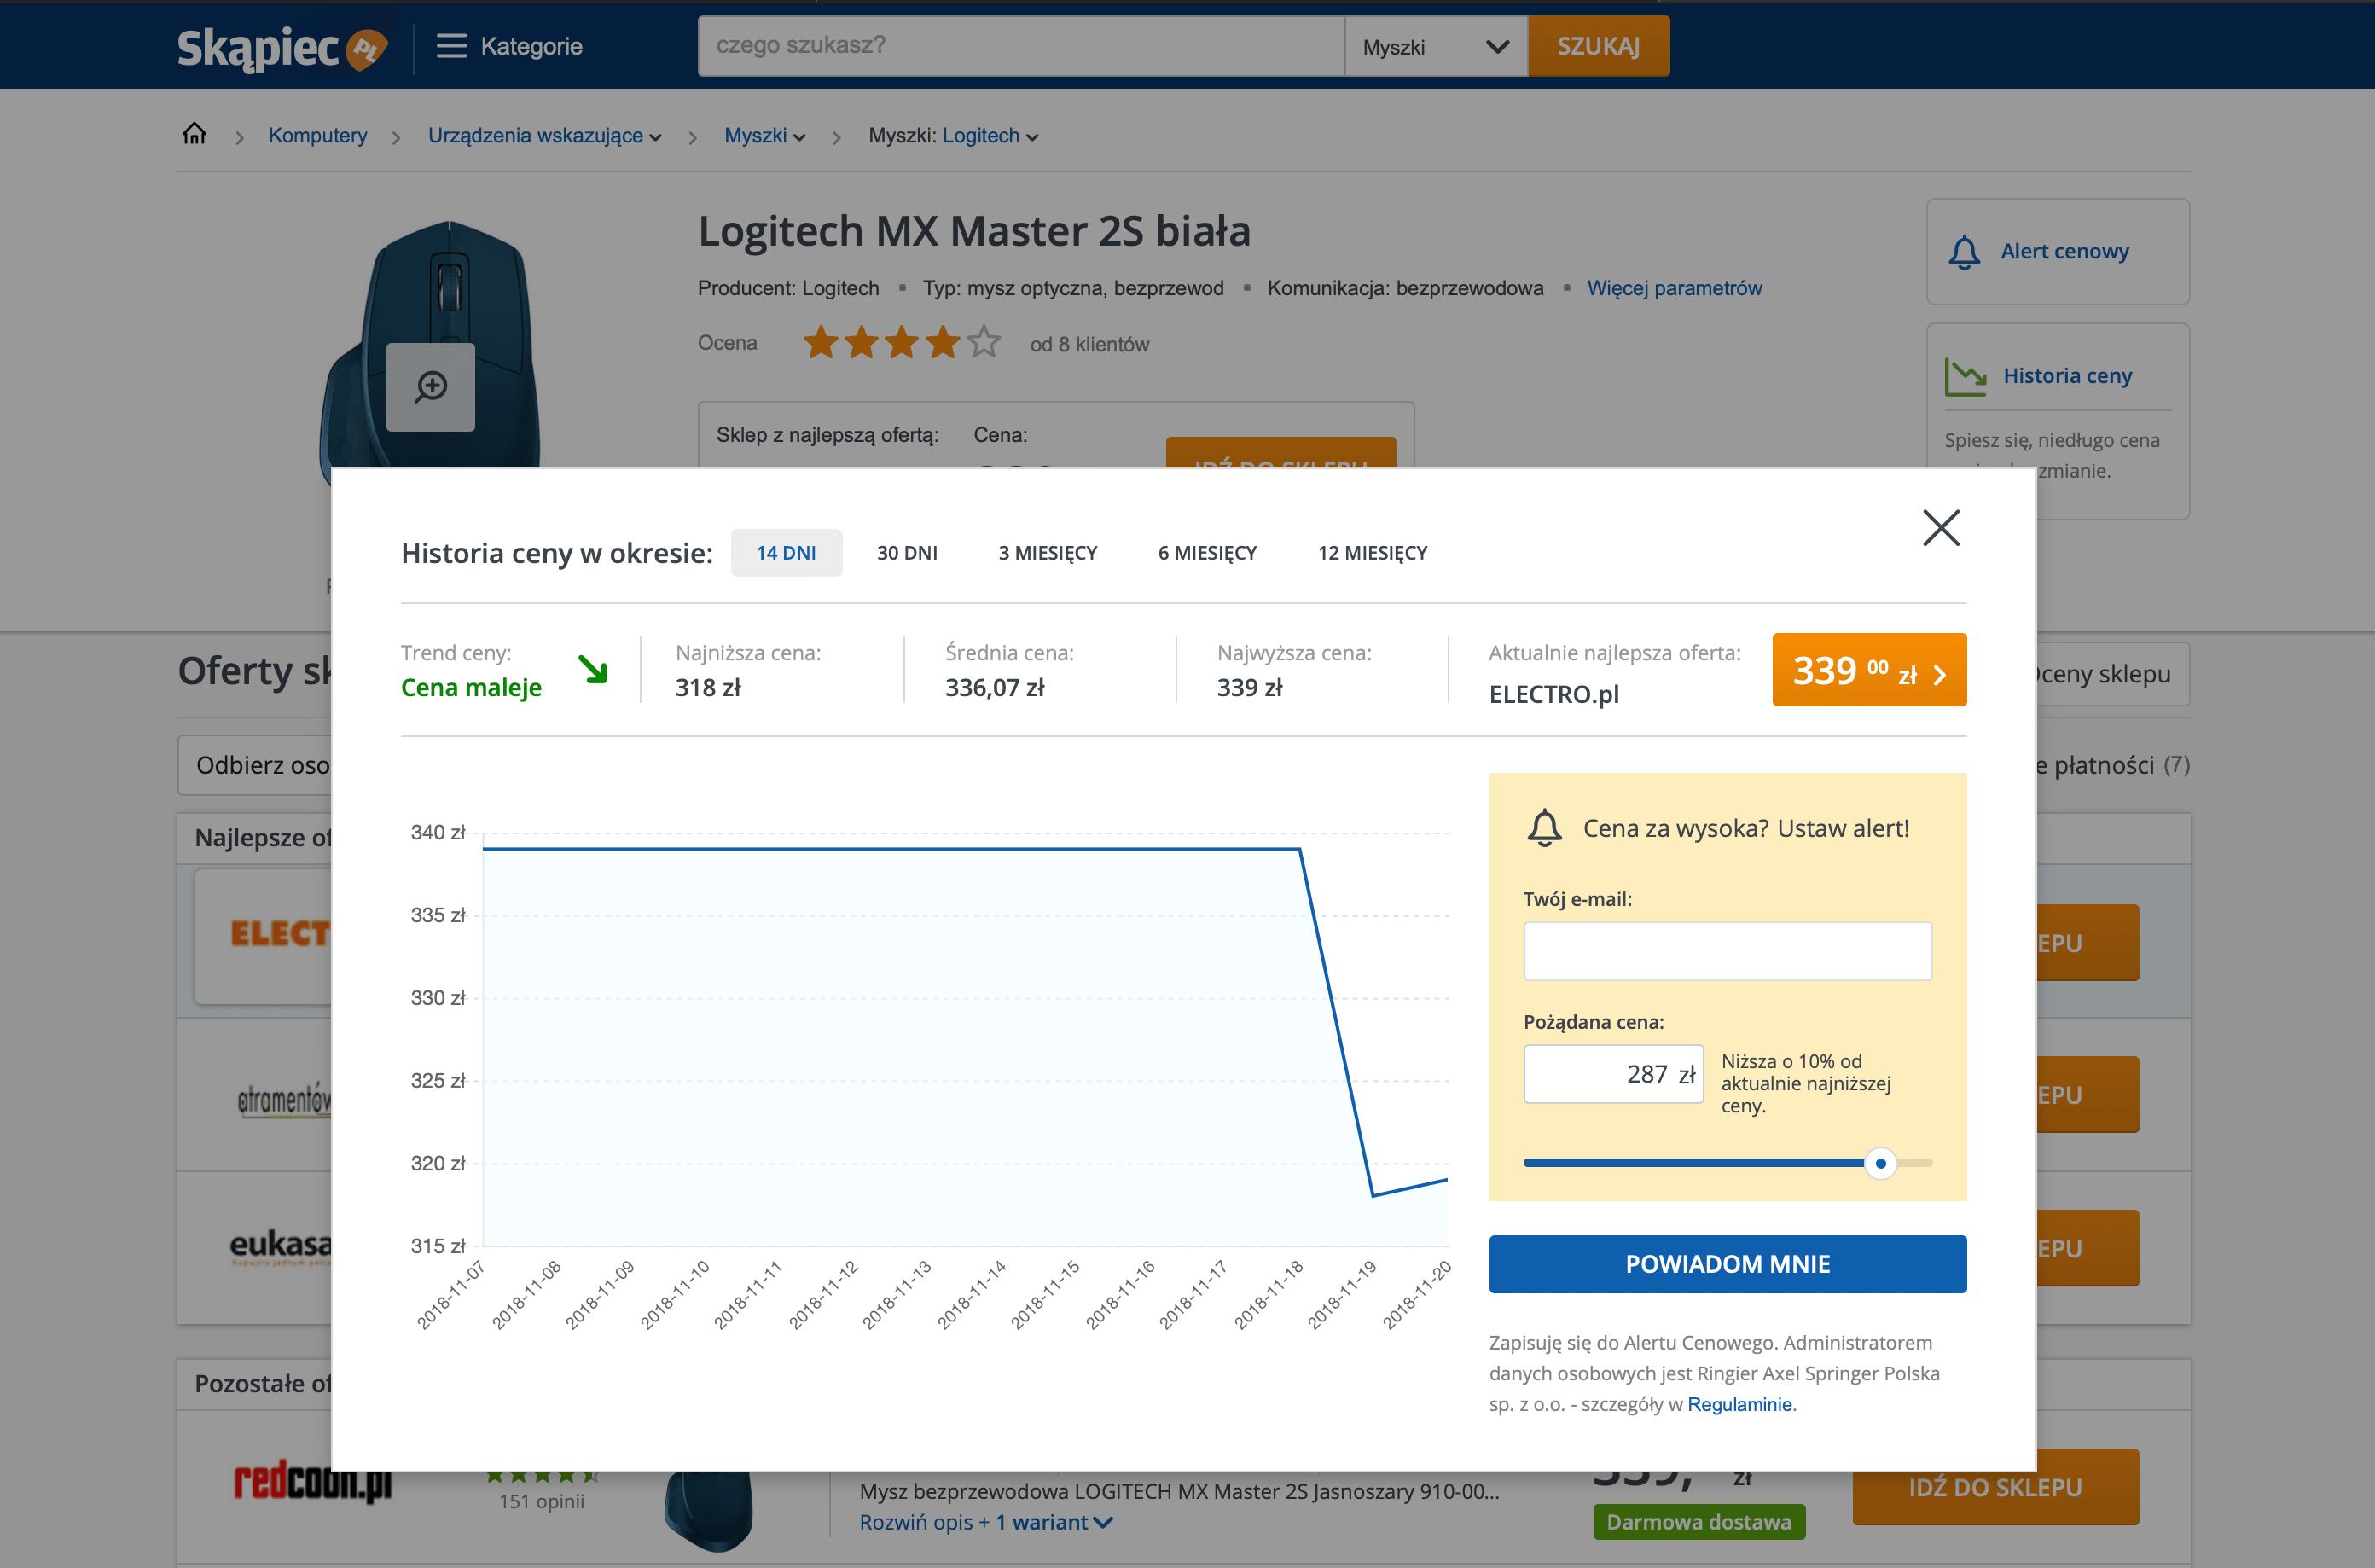 jak sprawdzić historię ceny